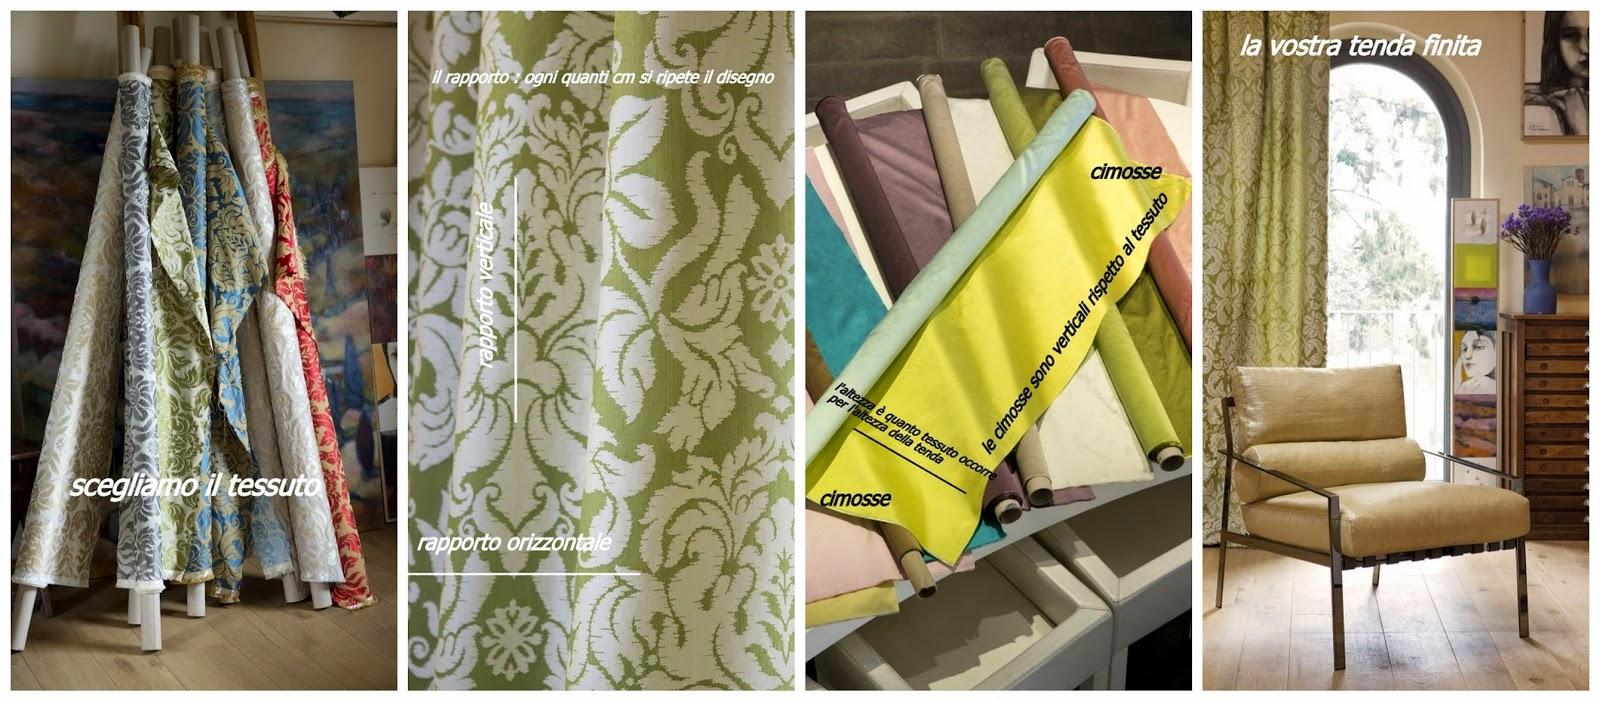 Tessutiearredi guida pratica per il calcolo delle misure delle tende - Tessuti ikea per tende ...